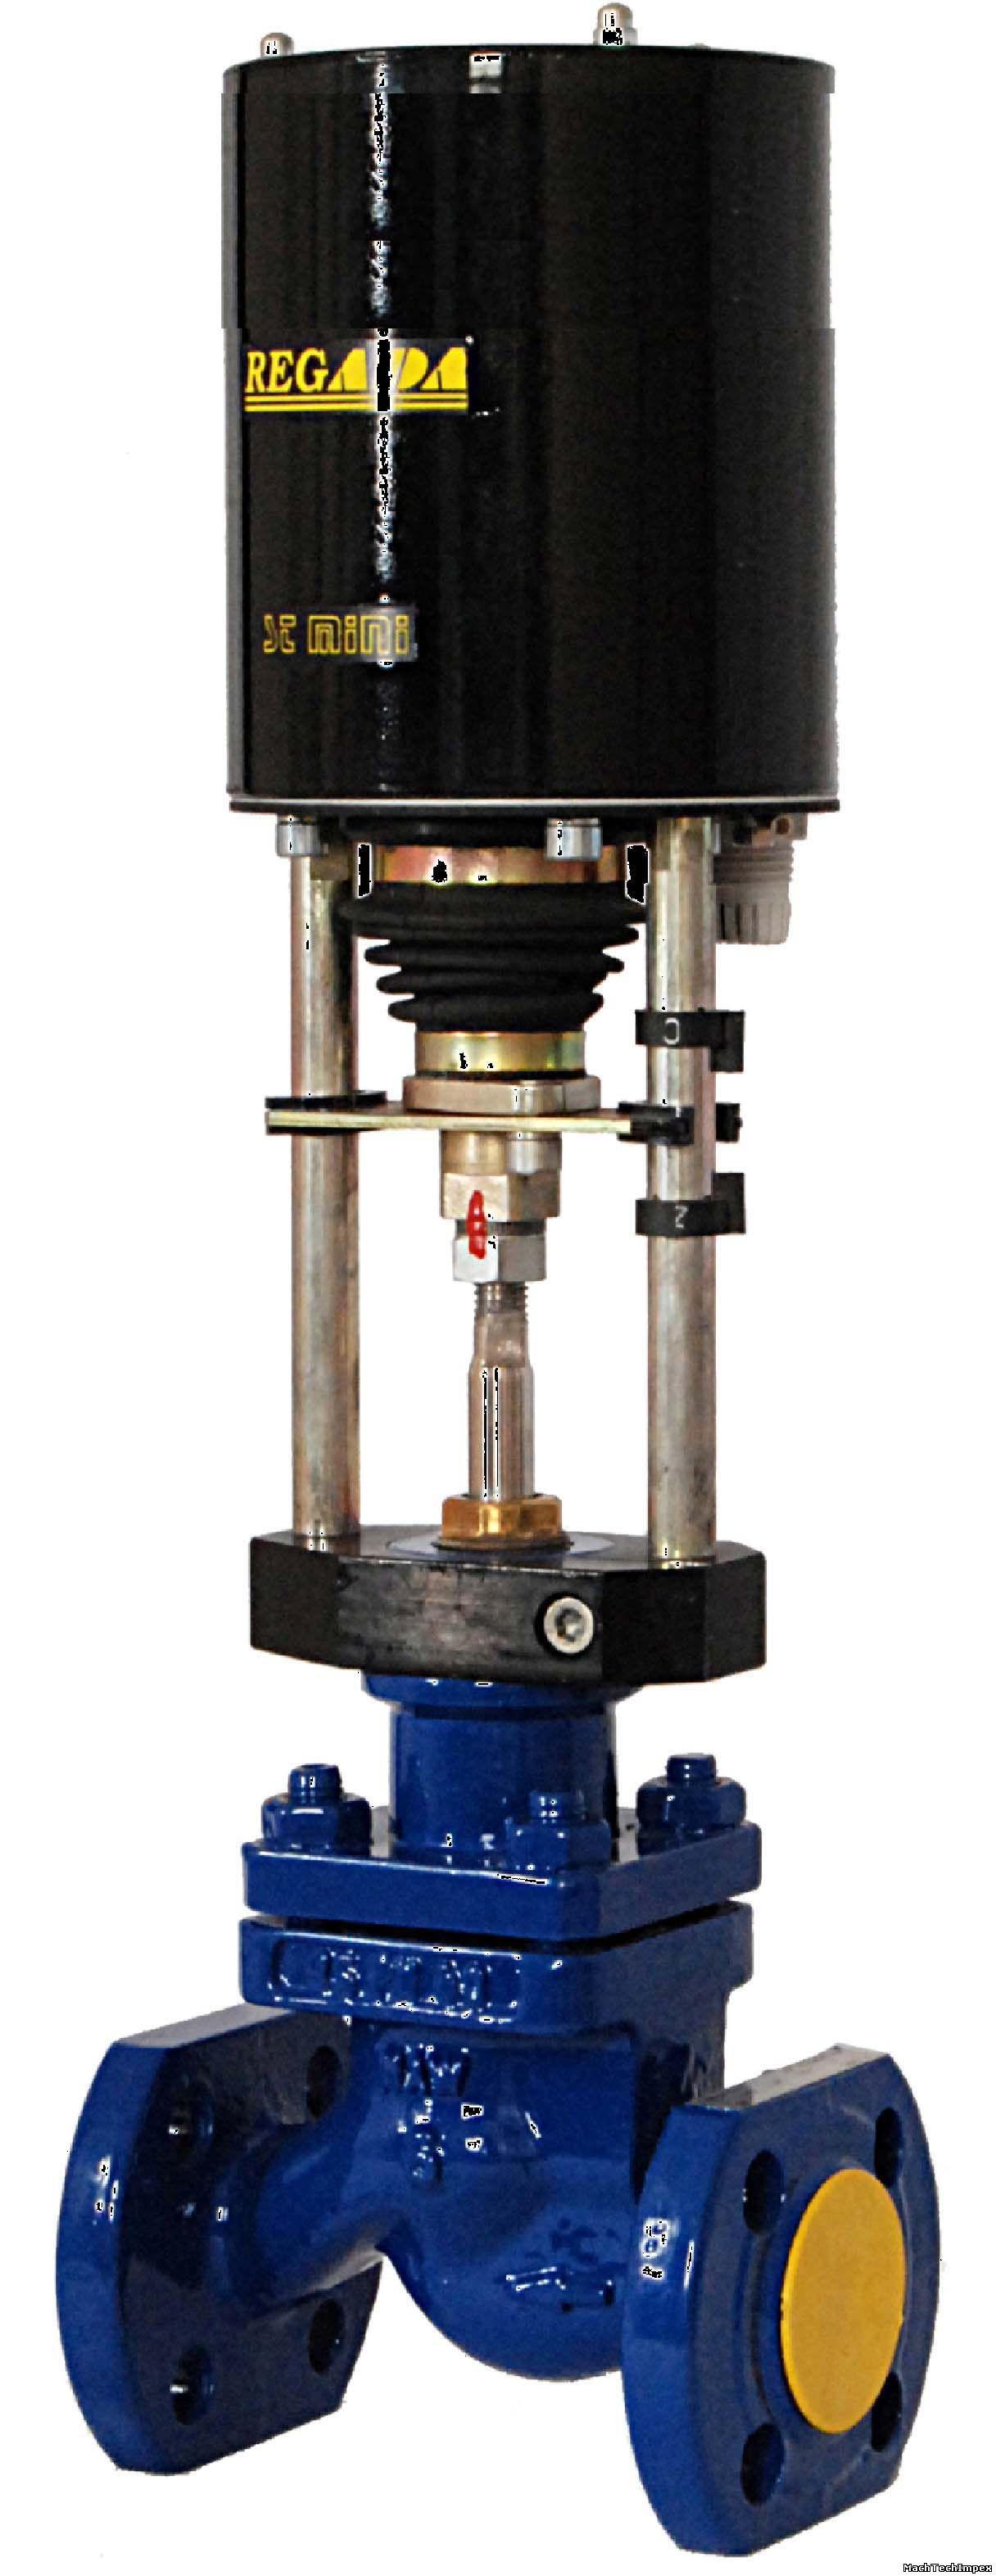 Клапан односедельный с ЭИМ ST mini, Старооскольского з-да, Kv=10,0